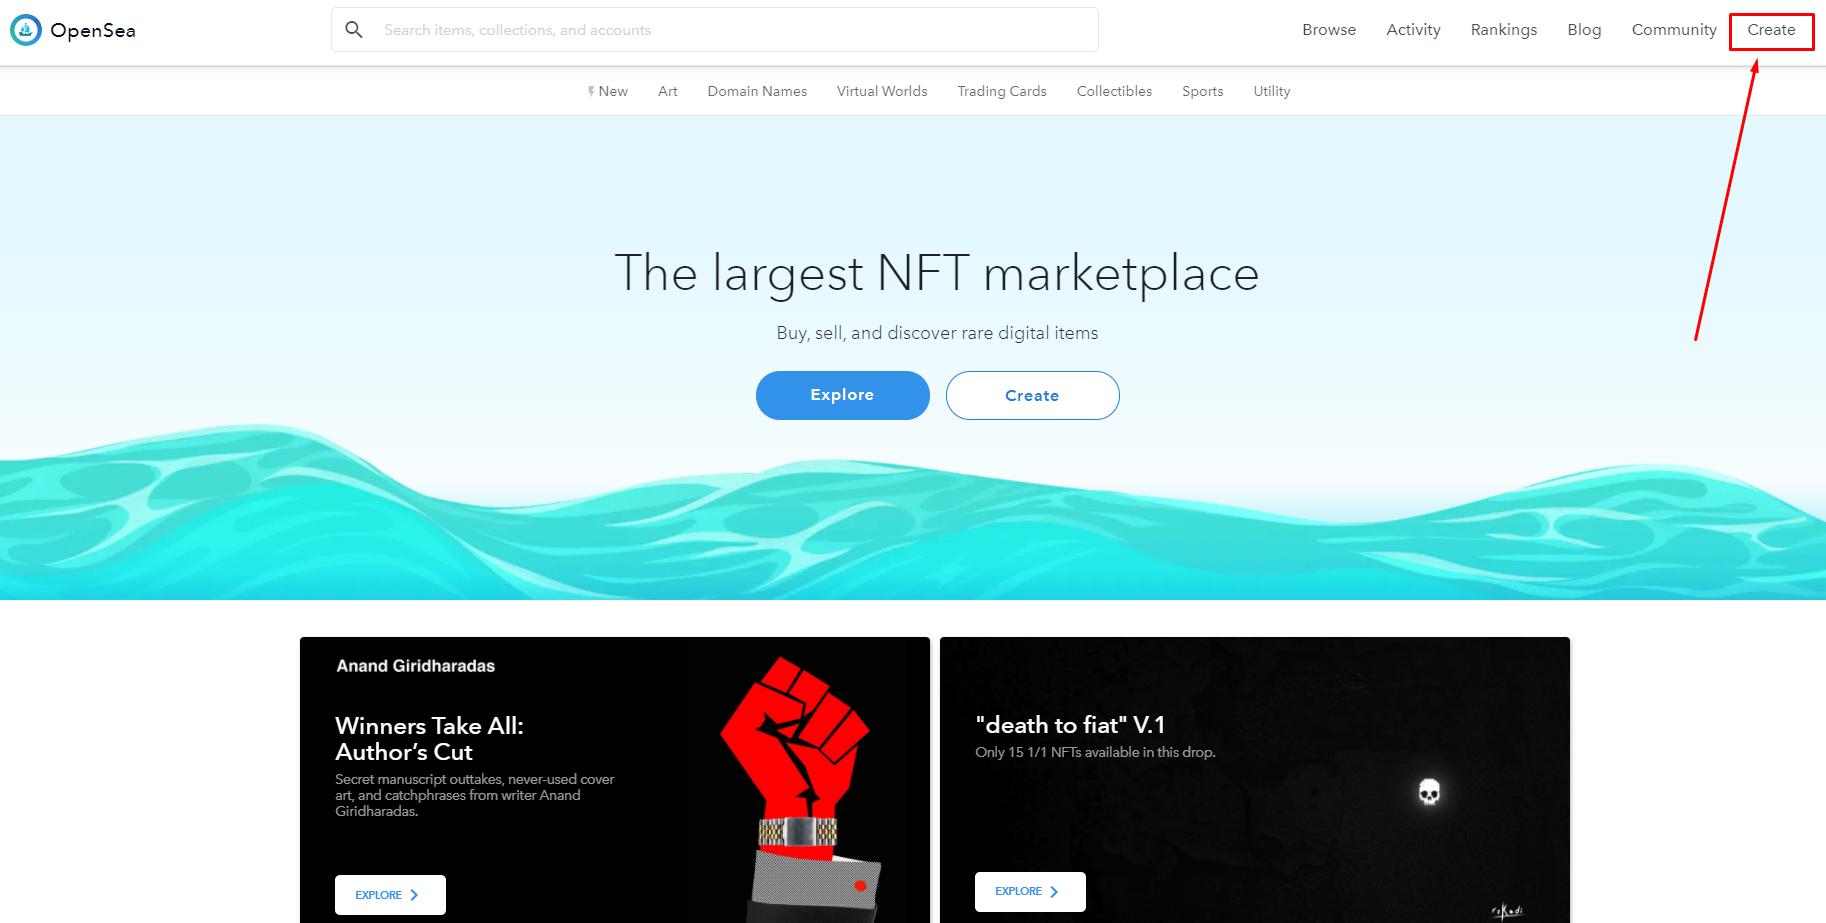 Как выпустить NFT и продать твит: руководство для начинающих